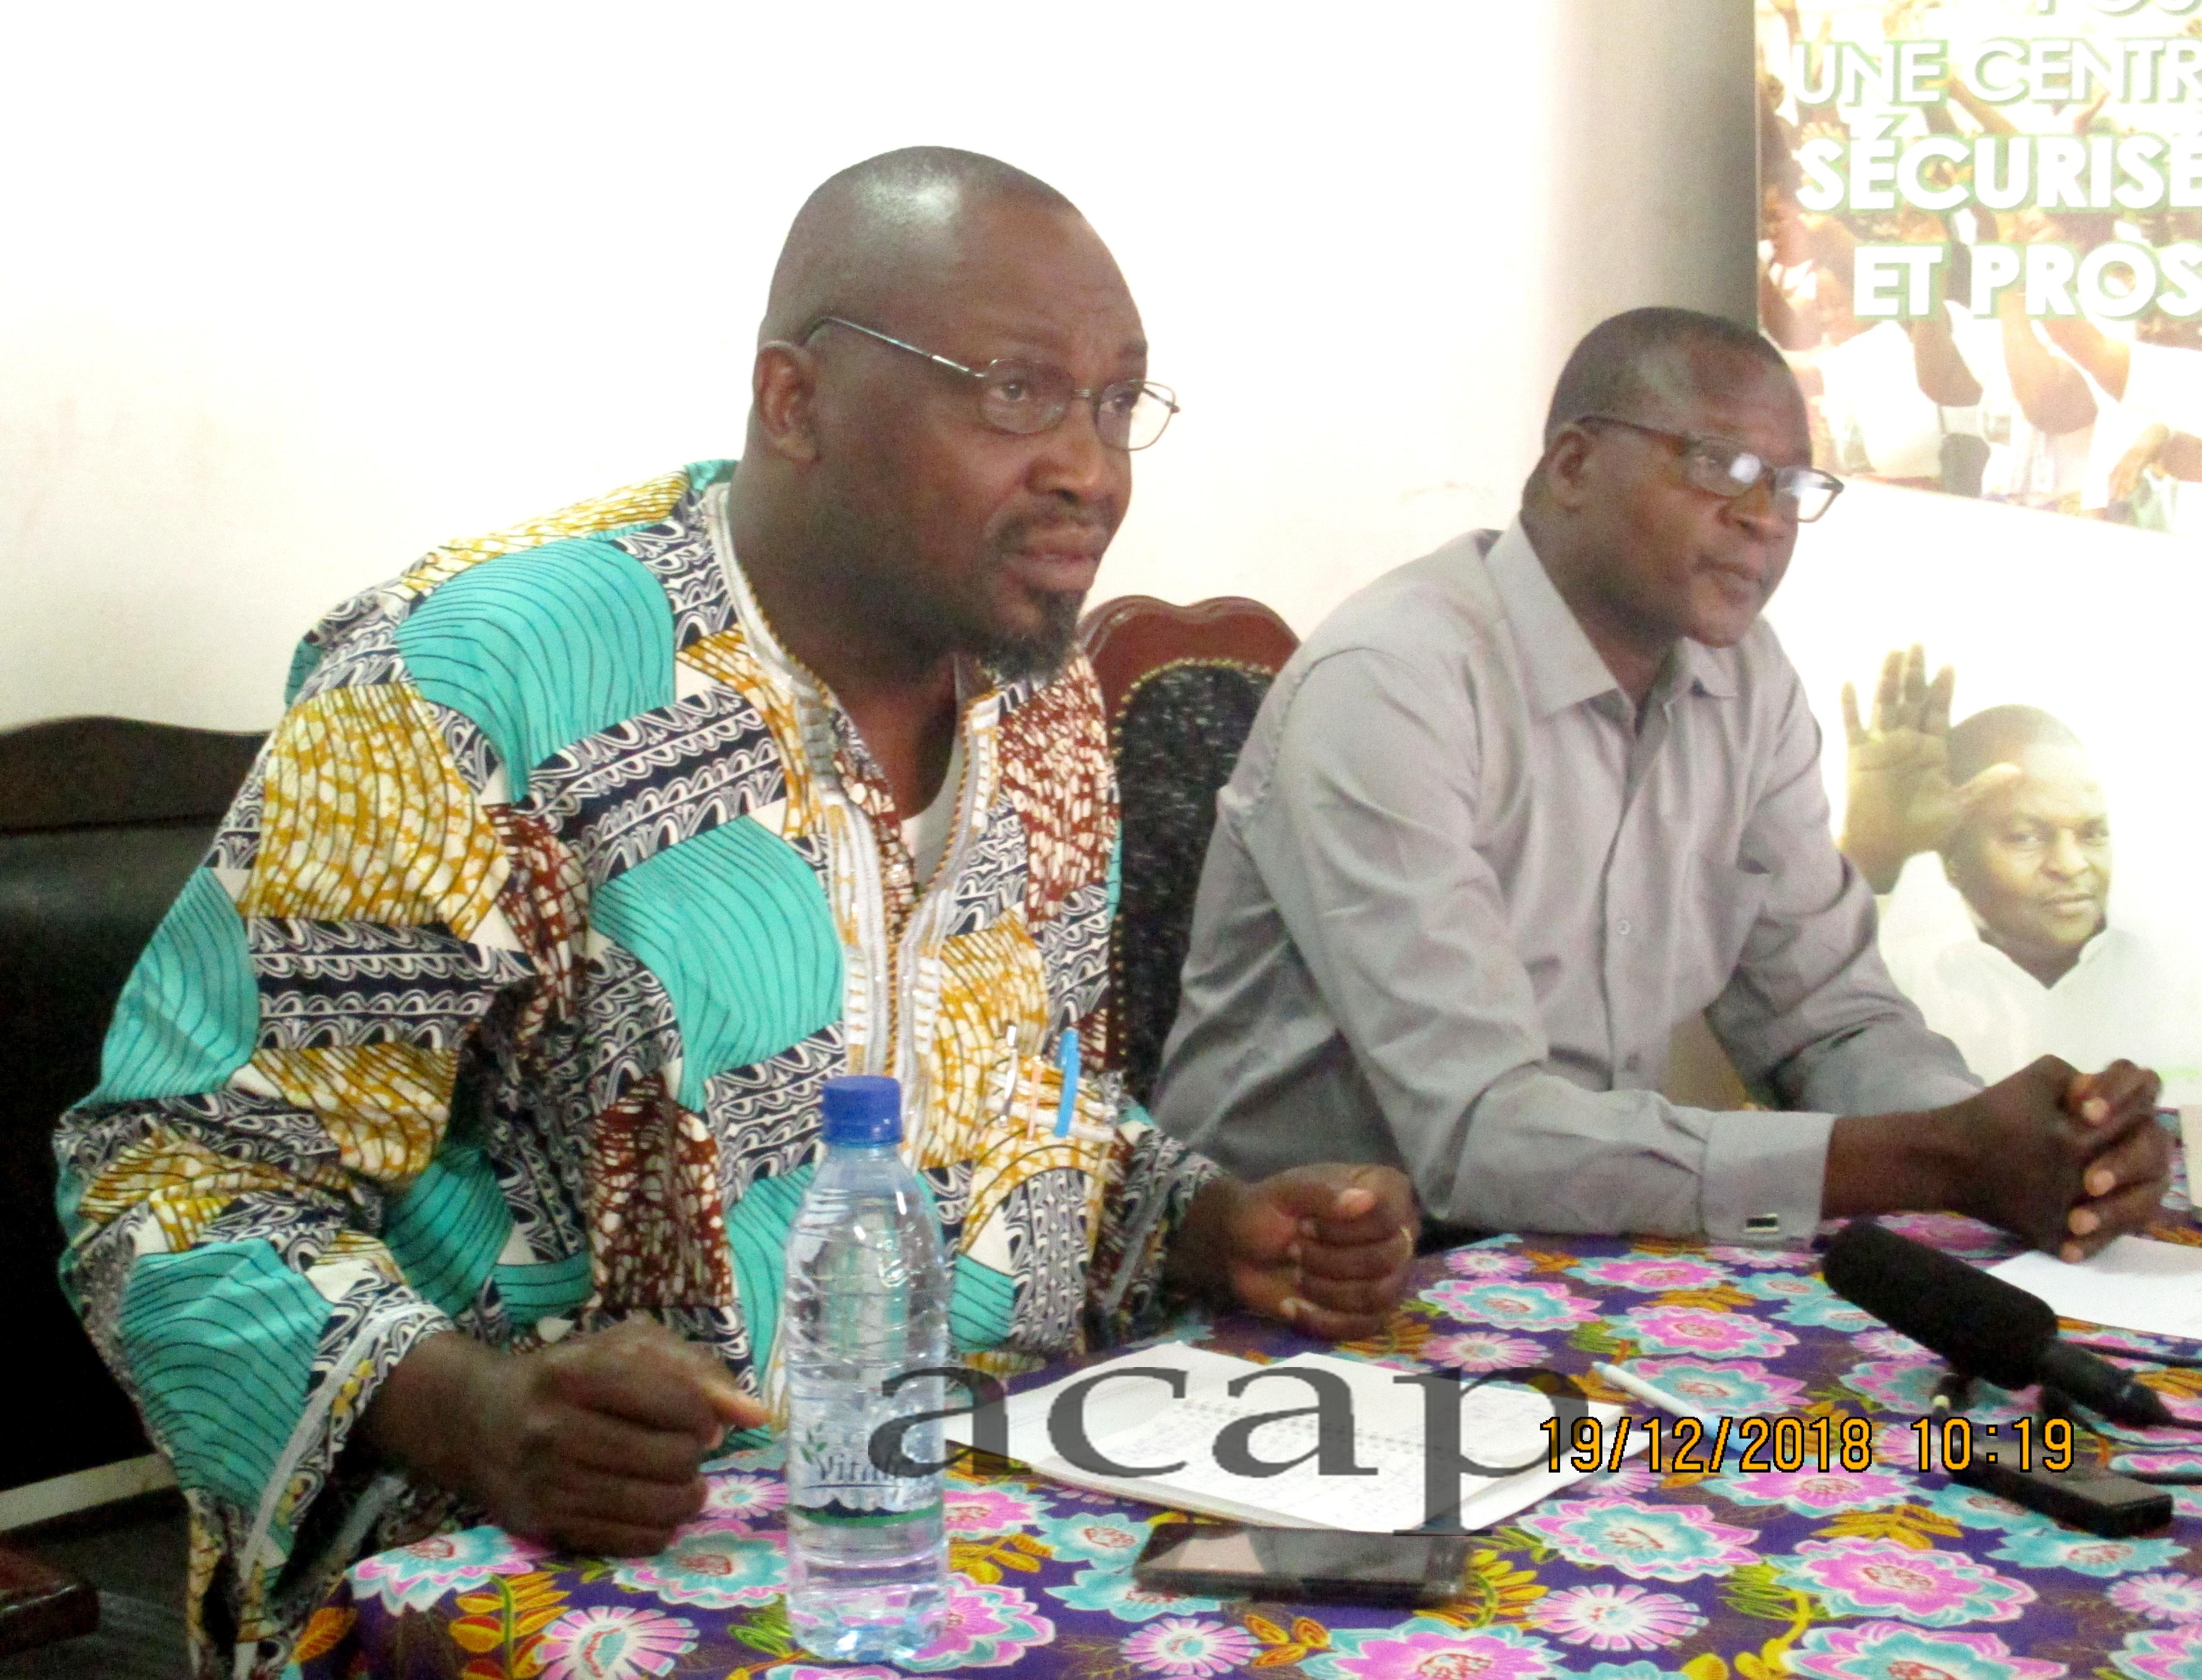 Conférence débat sur « La situation des droits de l'homme sur la société centrafricaine »